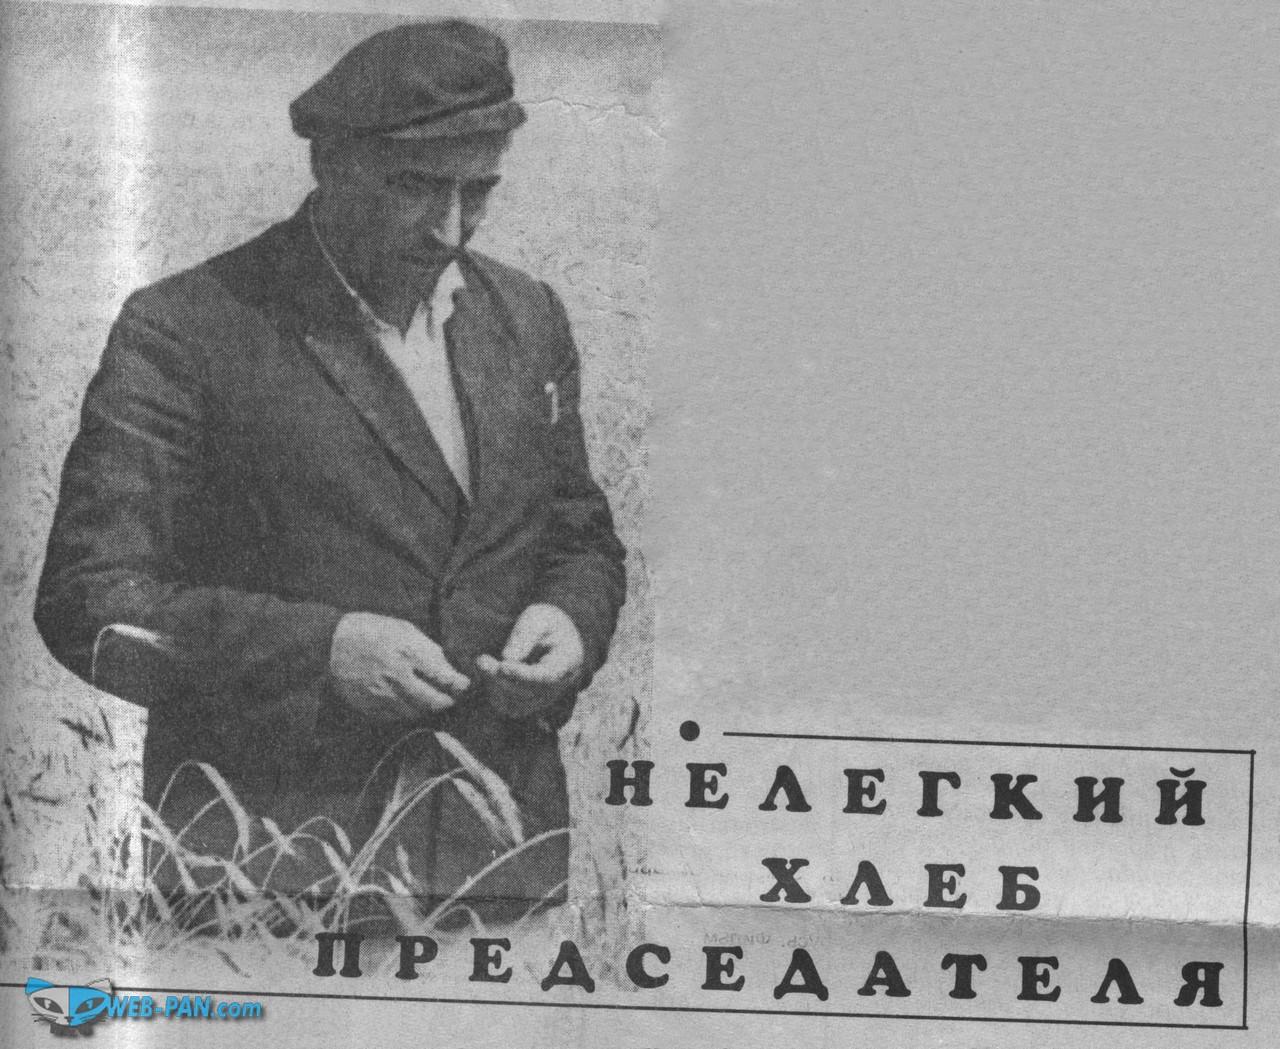 Статья о дедушке, Нелёгкий хлеб председателя, Сочивко Николай Ильич, моя гордость!